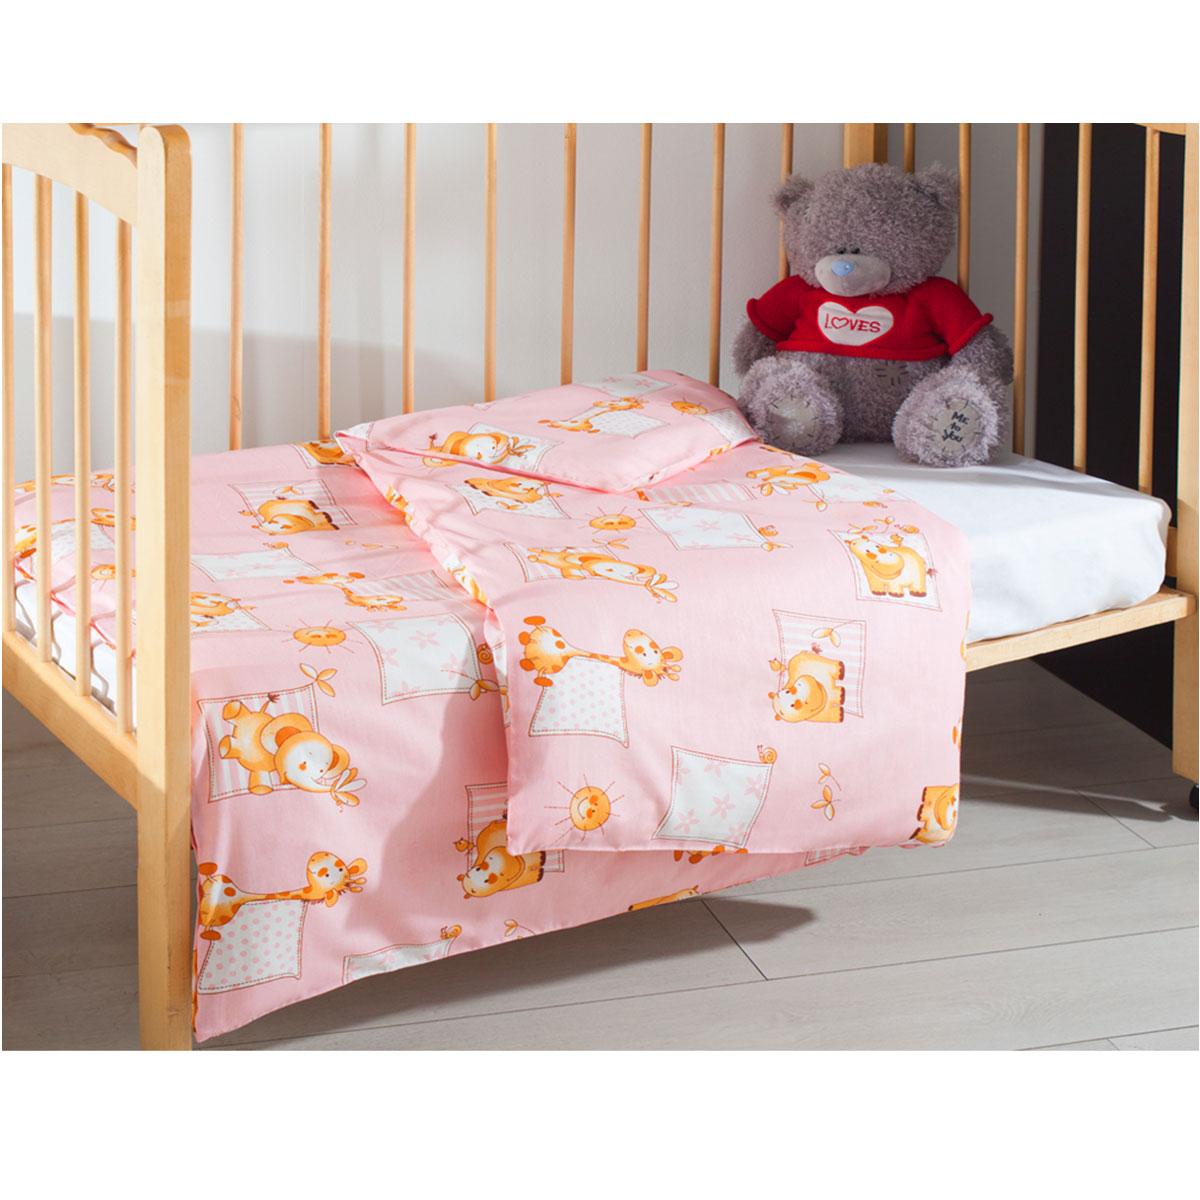 Пододеяльник детский Primavelle, цвет: розовый, 115 см х 145 см11561207-26Детский пододеяльник Primavelle идеально подойдет для одеяла вашего малыша. Изготовленный из натурального 100% хлопка, он необычайно мягкий и приятный на ощупь, позволяет коже дышать. Натуральный материал не раздражает даже самую нежную и чувствительную кожу ребенка, обеспечивая ему наибольший комфорт. Приятный рисунок пододеяльника, несомненно, понравится малышу и привлечет его внимание. Под одеялом с таким пододеяльником ваша кроха будет спать здоровым и крепким сном.Размер пододеяльника: 115 см х 145 см.